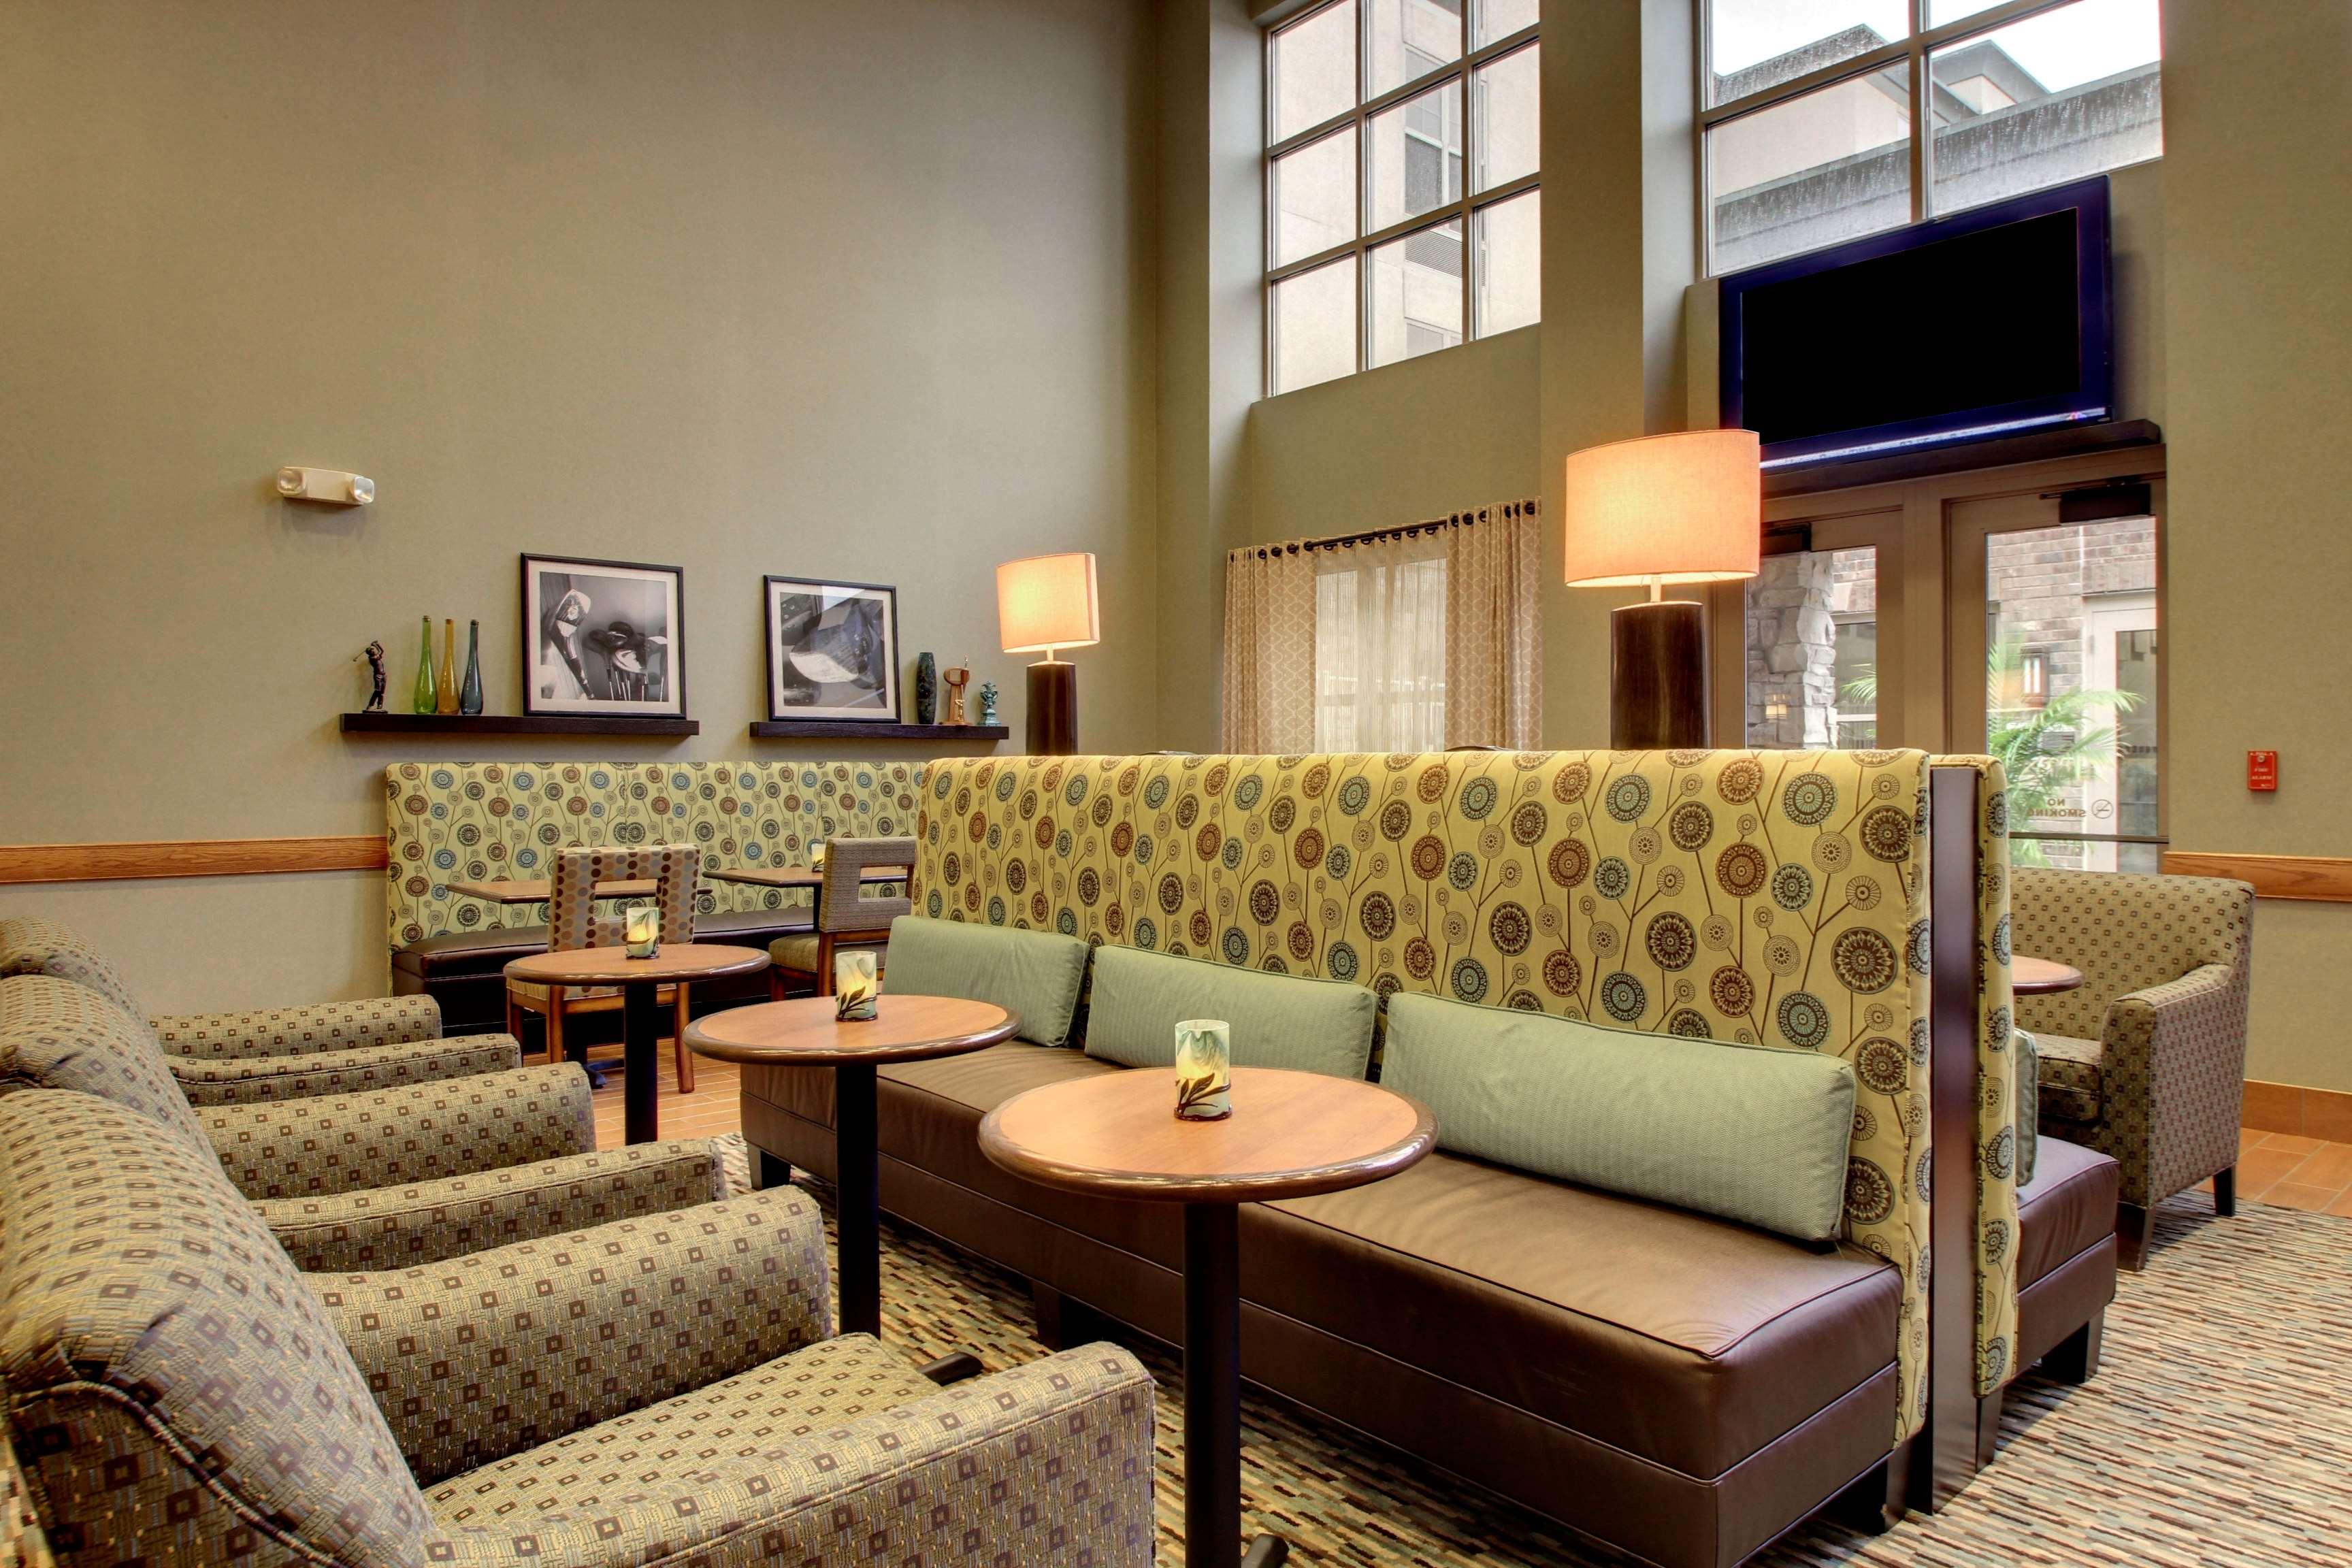 Hampton Inn & Suites Chicago/Aurora image 9